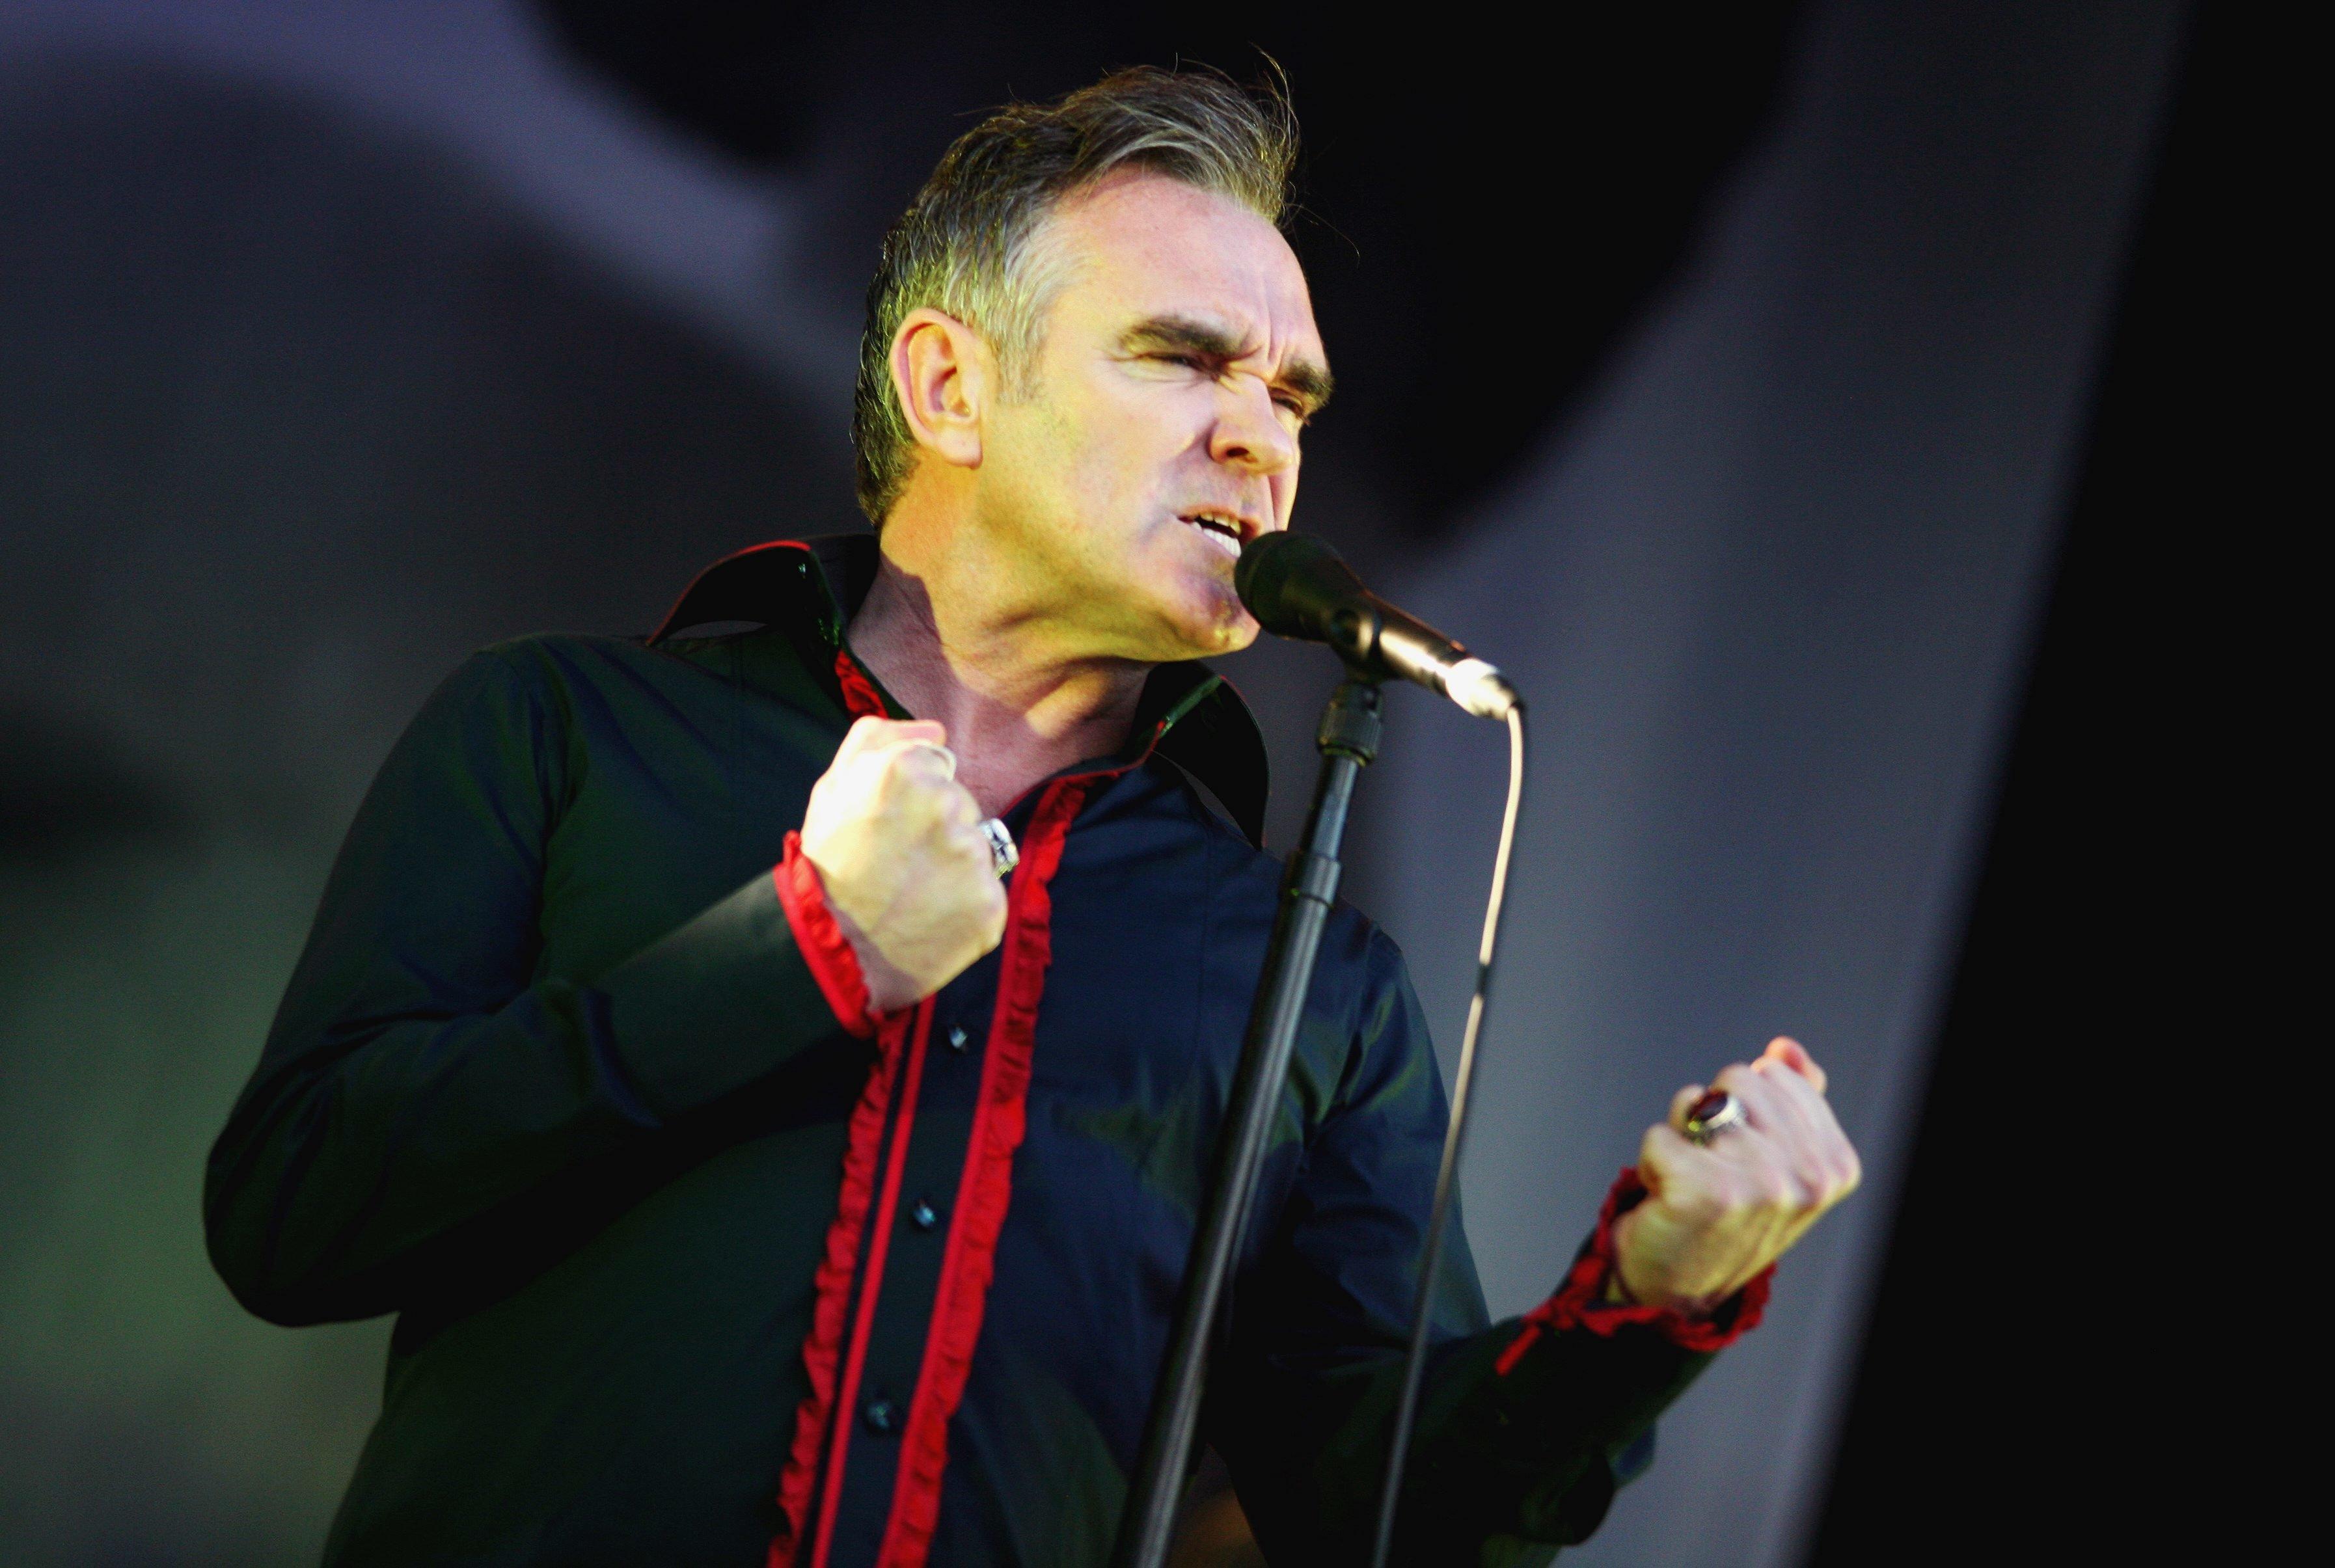 (GERMANY OUT) Sänger Steven Patrick Morrissey (GBR) anlässlich eines Konzerts in der Zitadelle Spandau in Berlin   (Photo by snapshot-photography/ullstein bild via Getty Images)